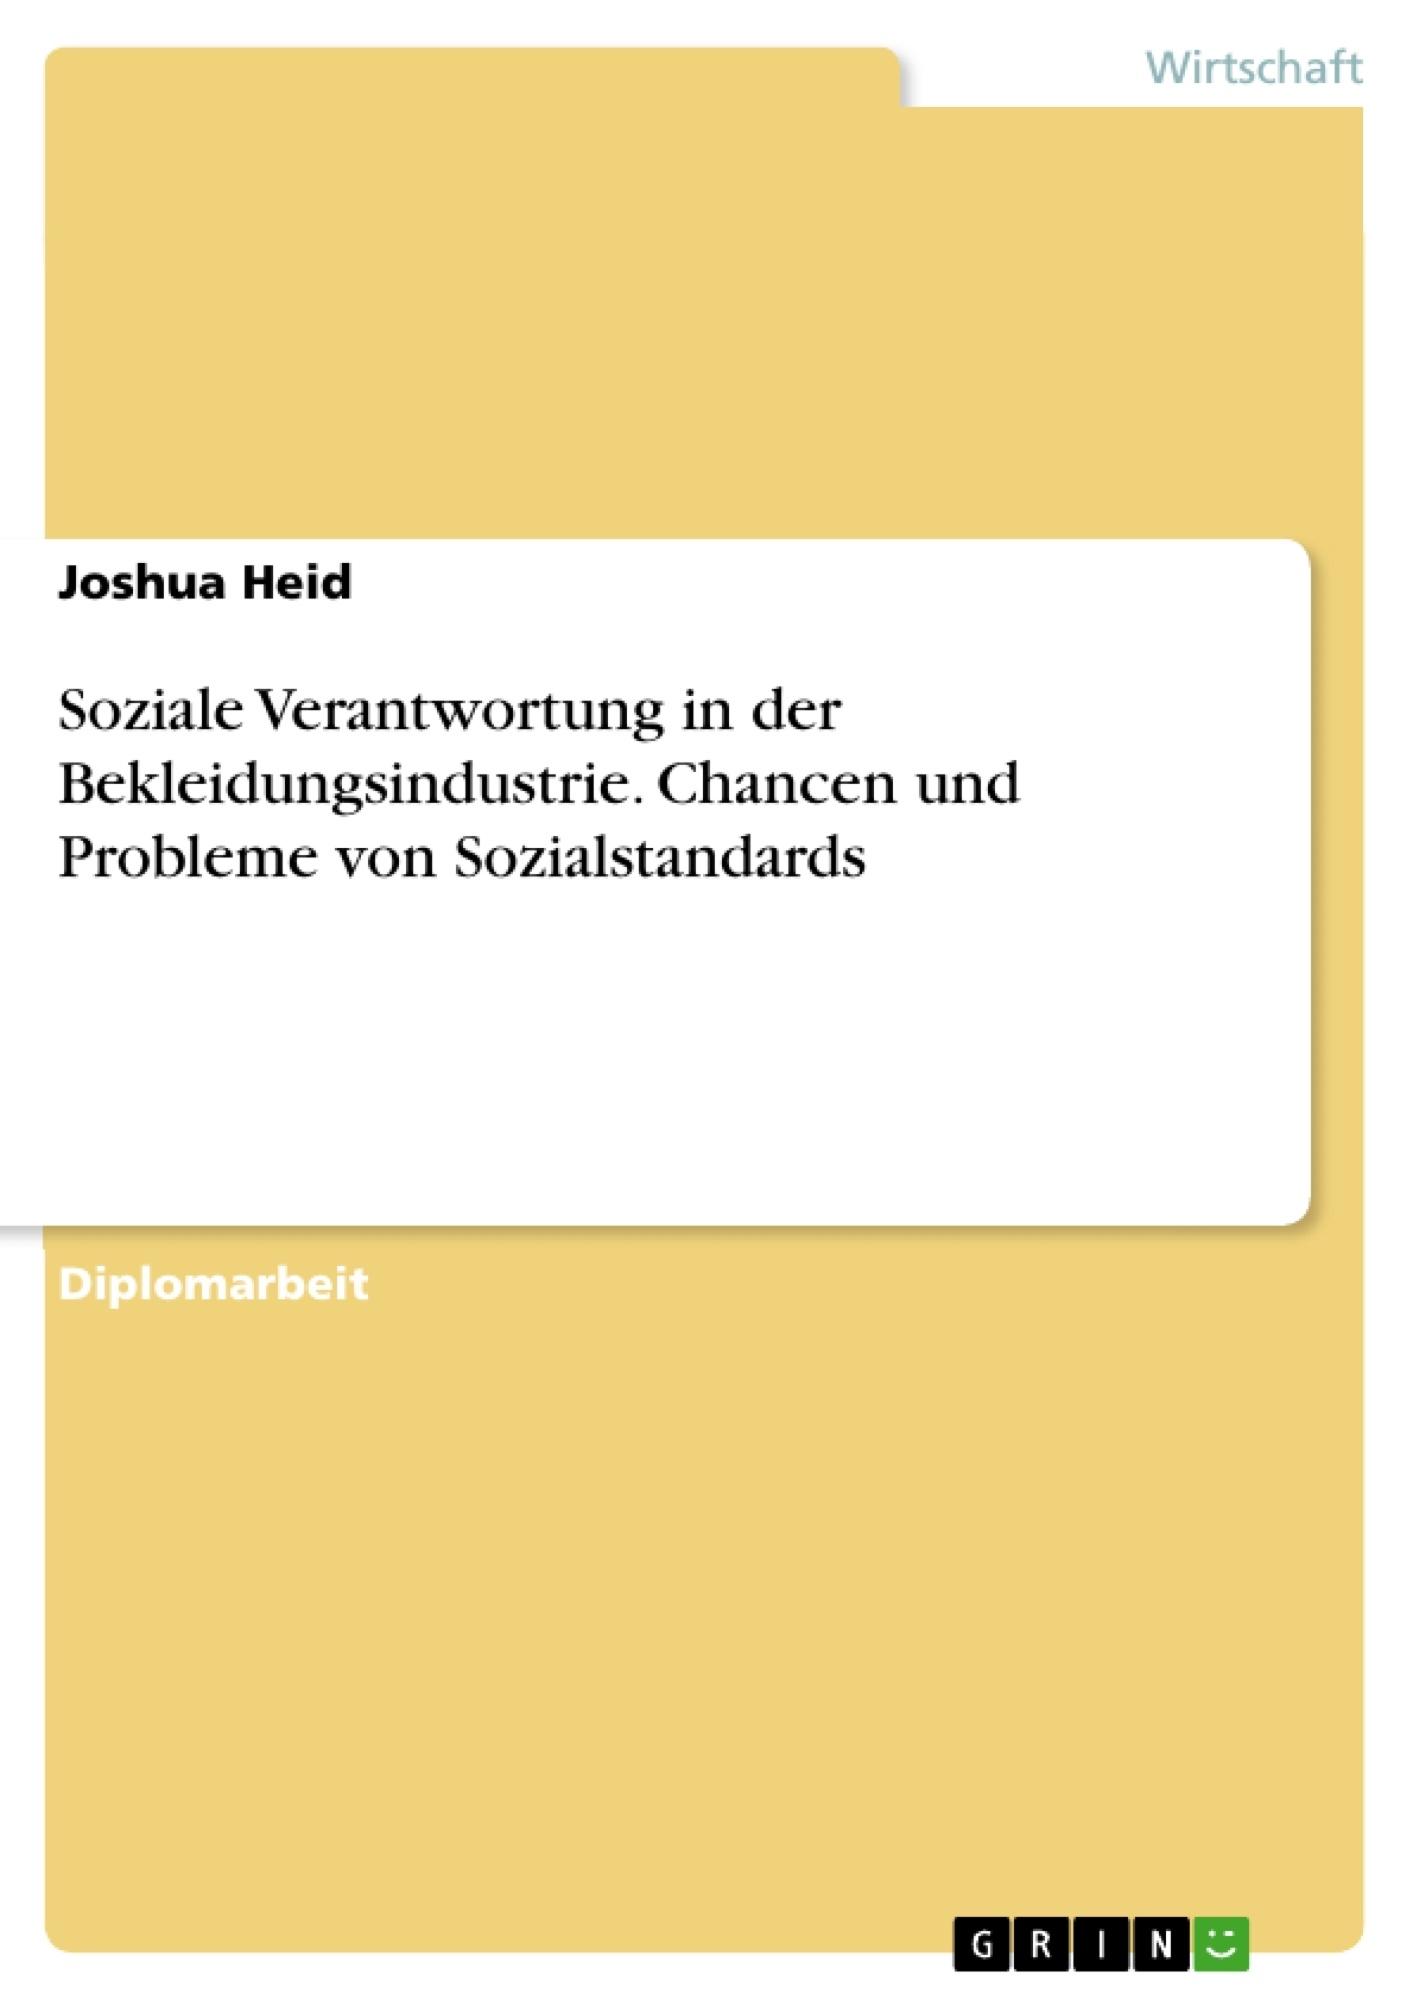 Titel: Soziale Verantwortung in der Bekleidungsindustrie. Chancen und Probleme von Sozialstandards